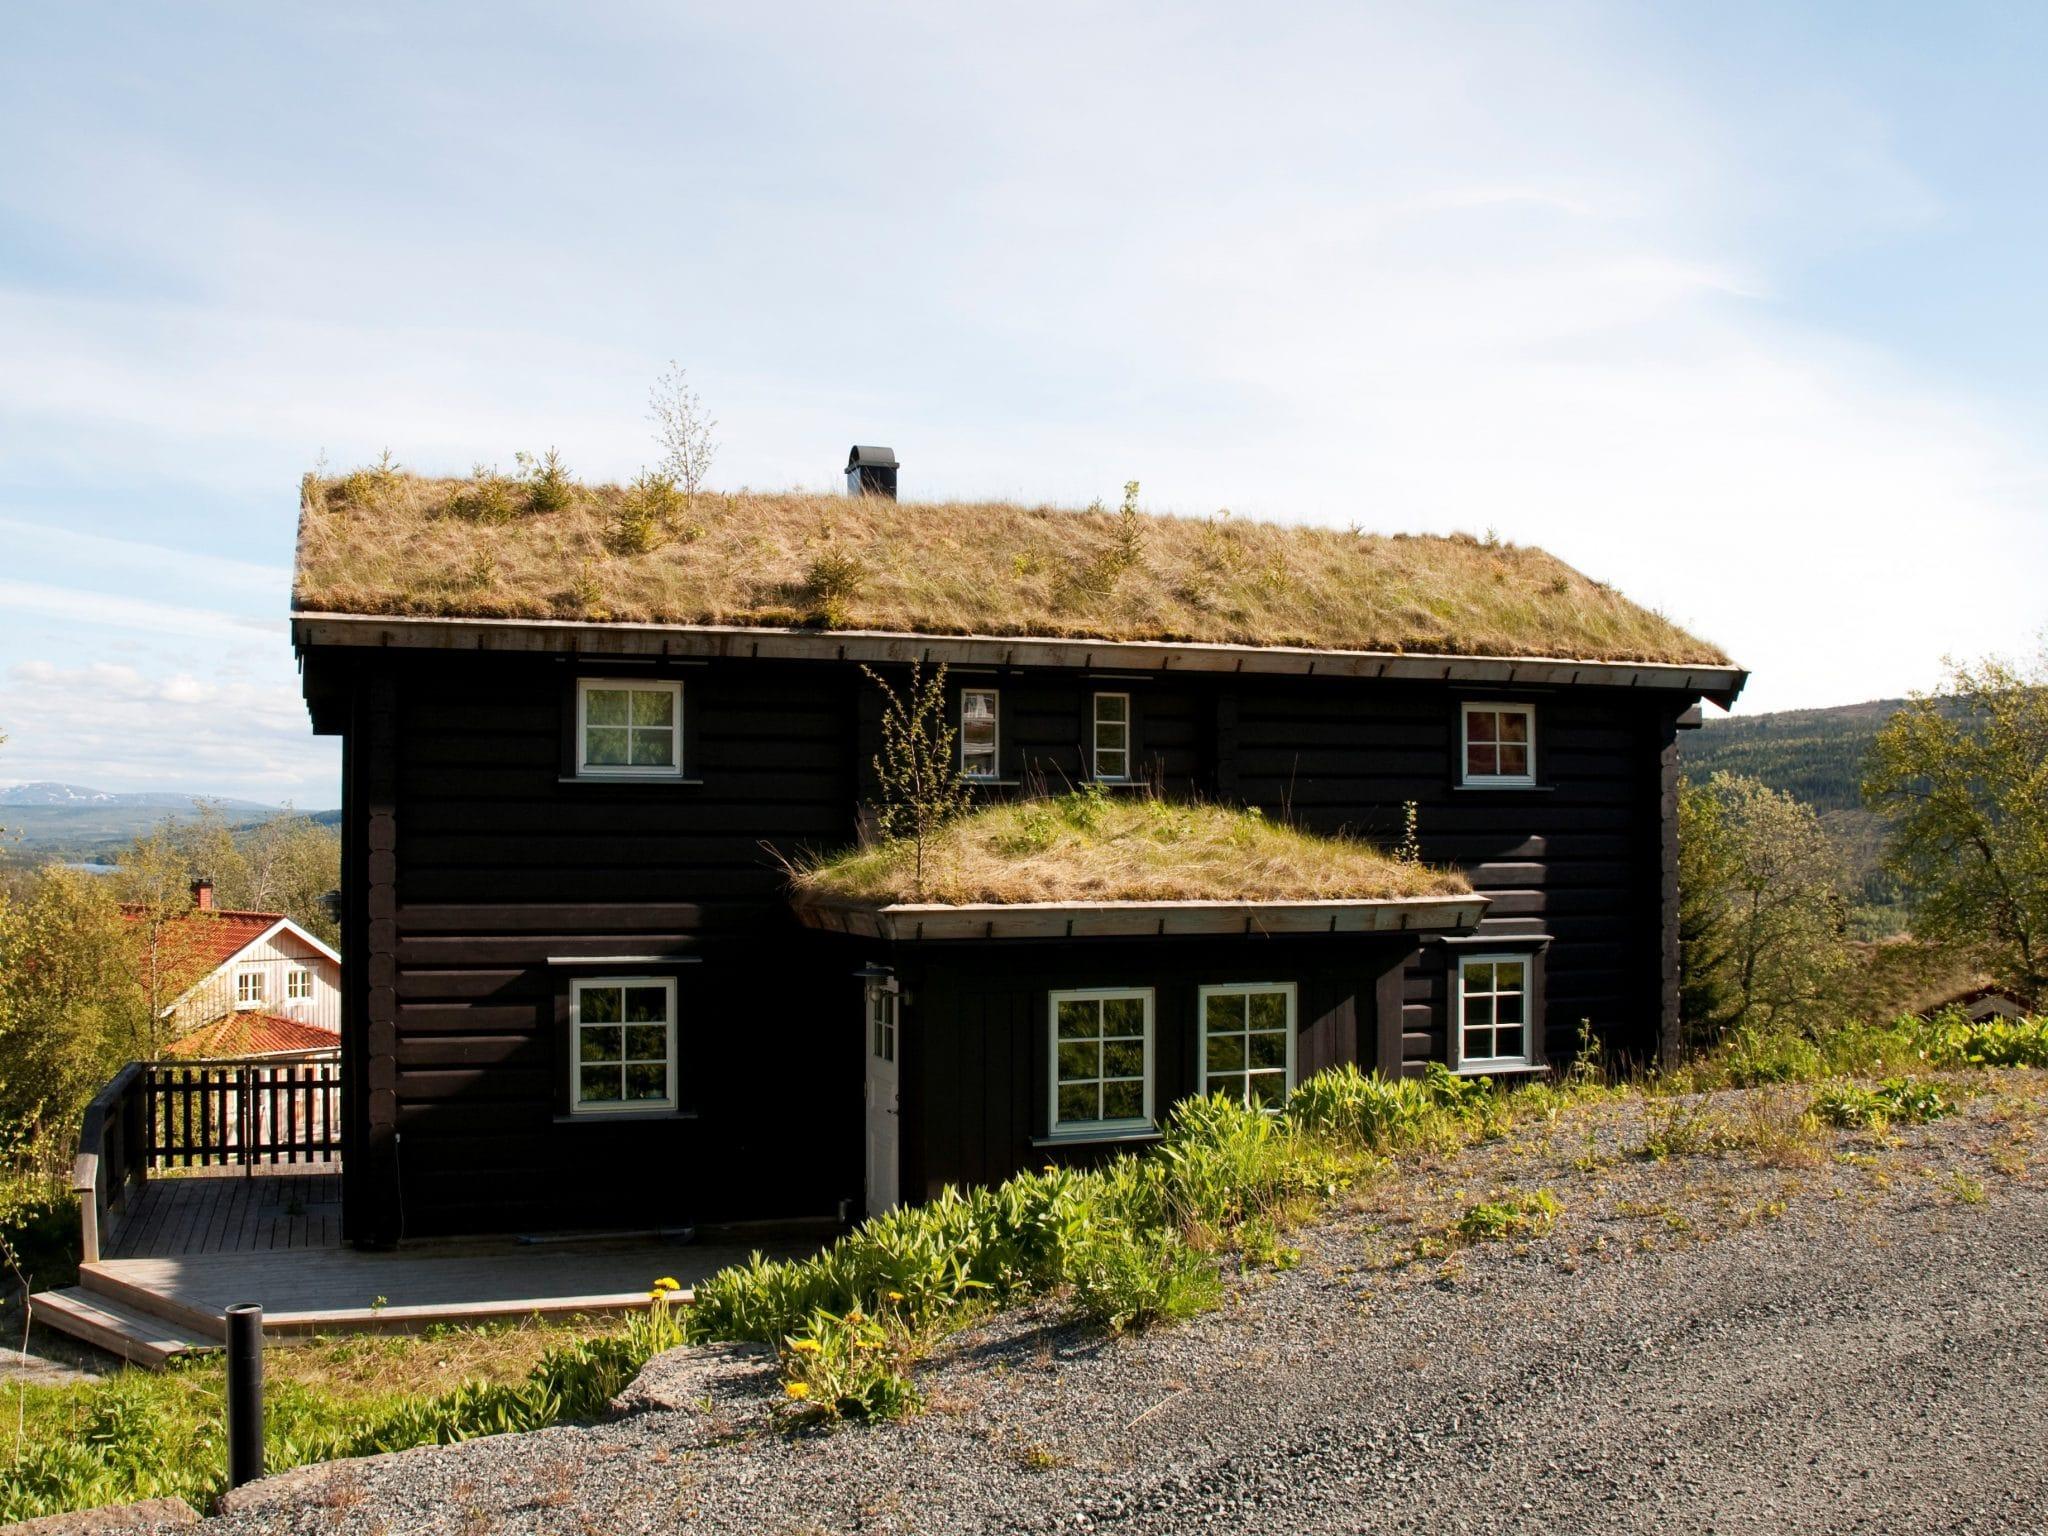 Björnängelägret 6 i Åre sommar